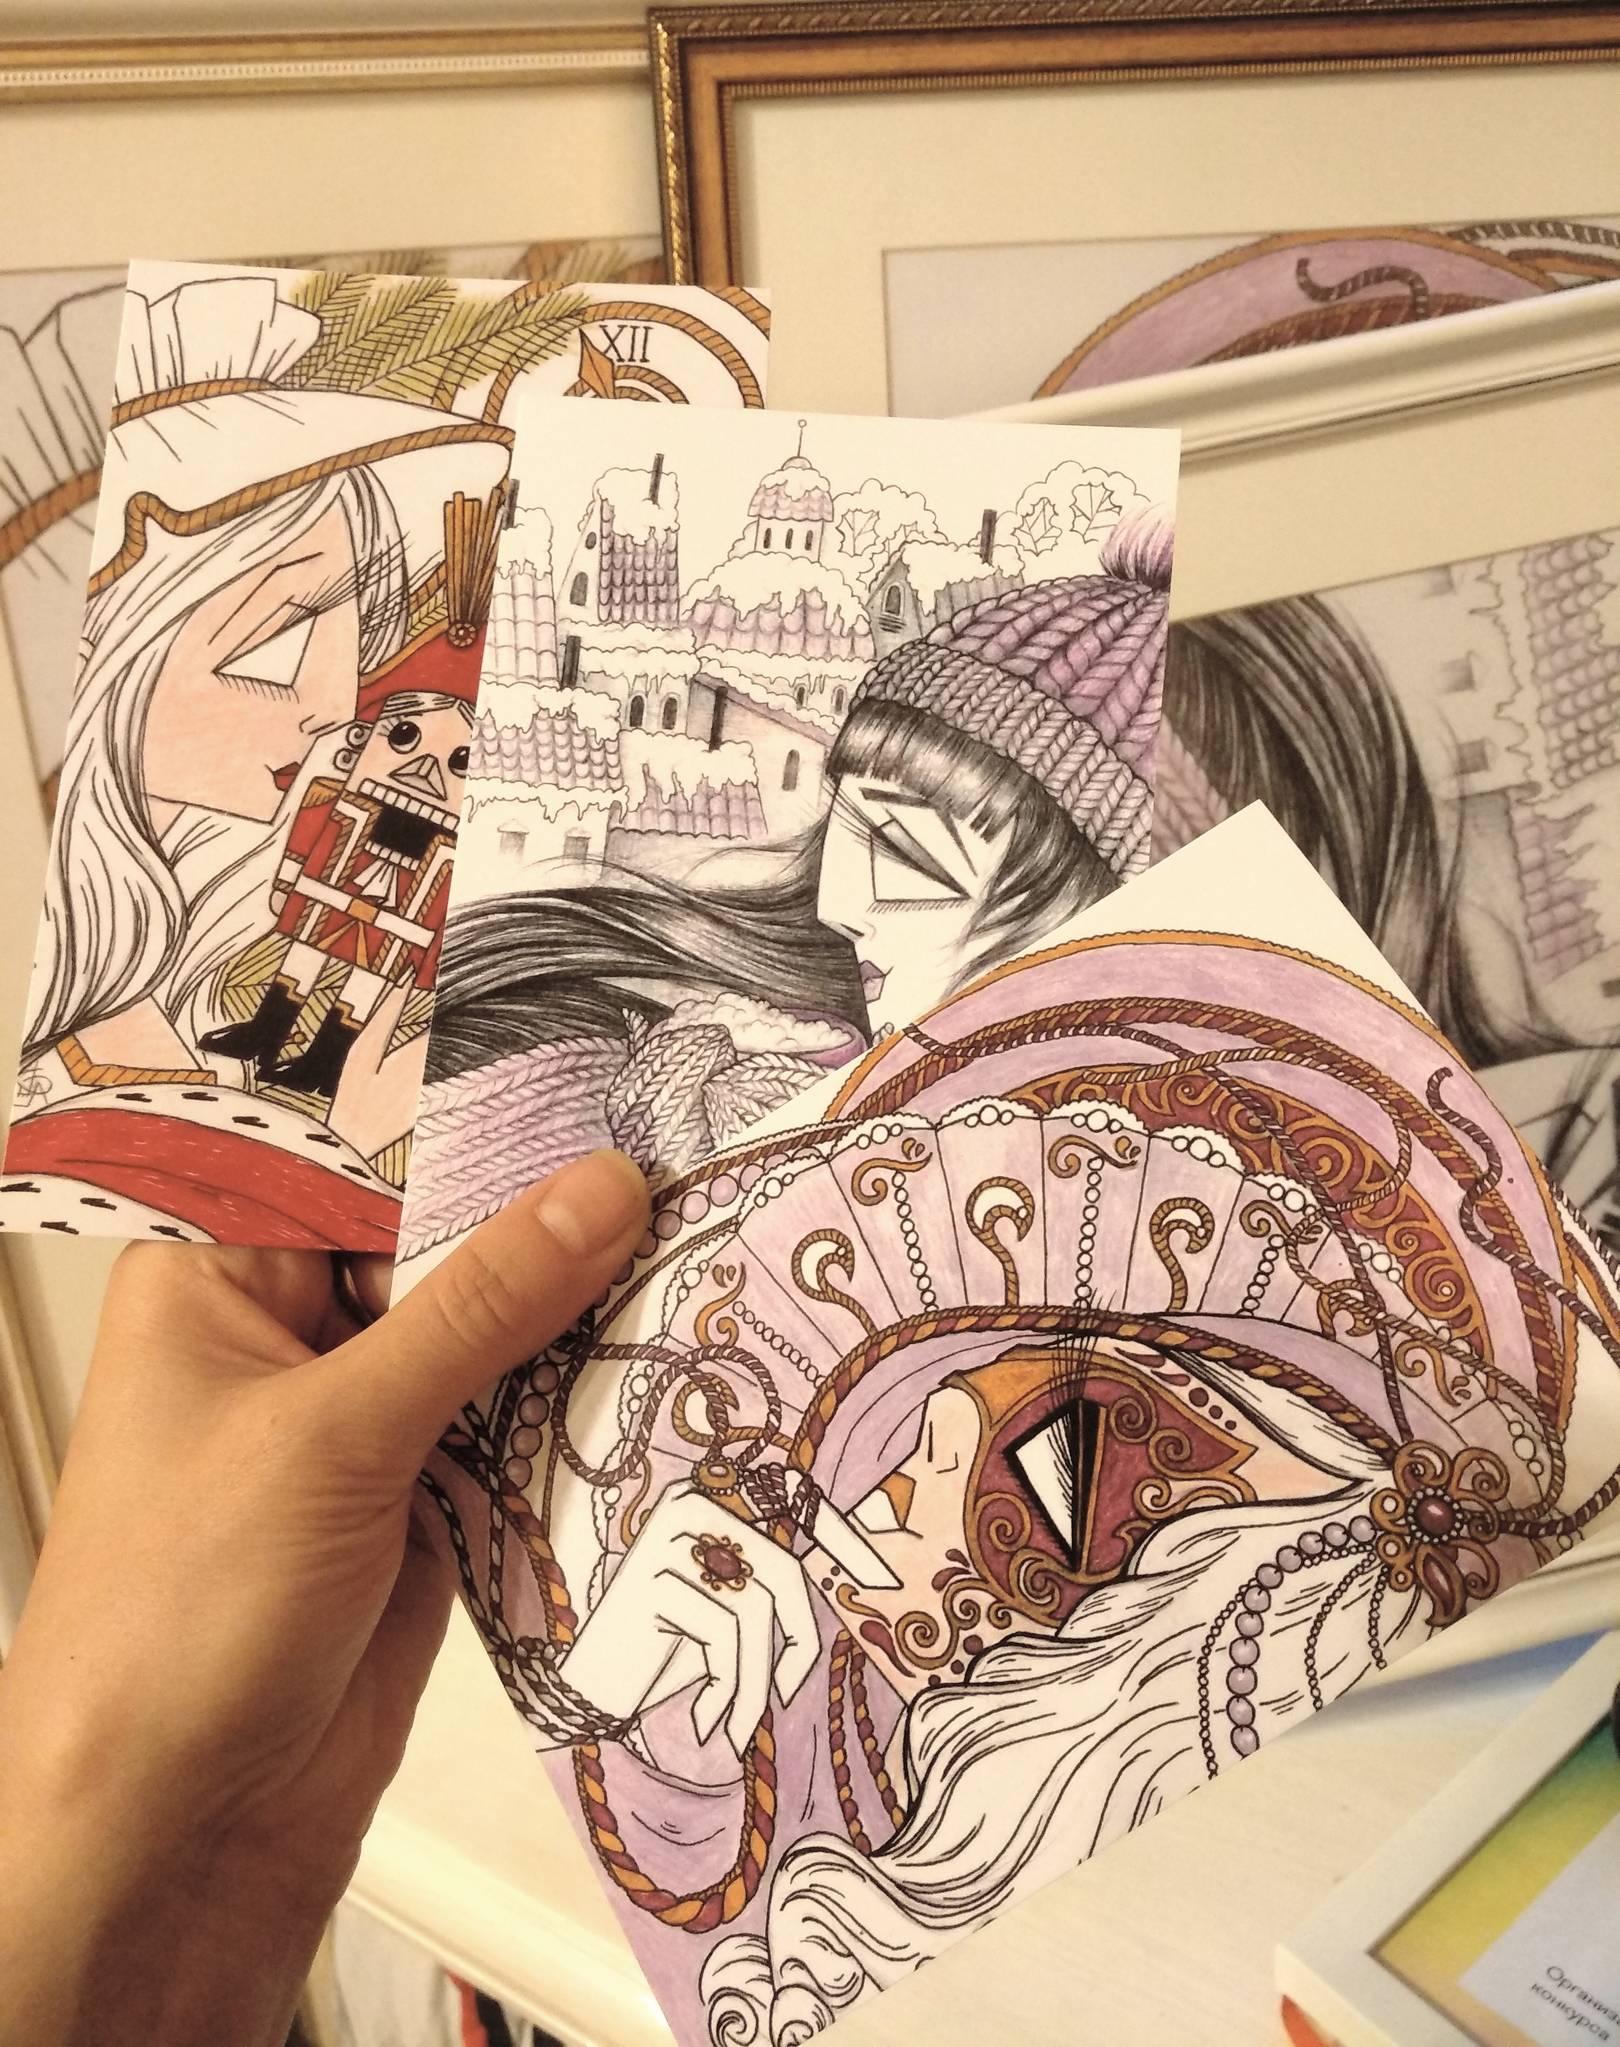 """Открытки с иллюстрациями из цикла """"Острые леди"""" для магазина """"Жантиль""""."""